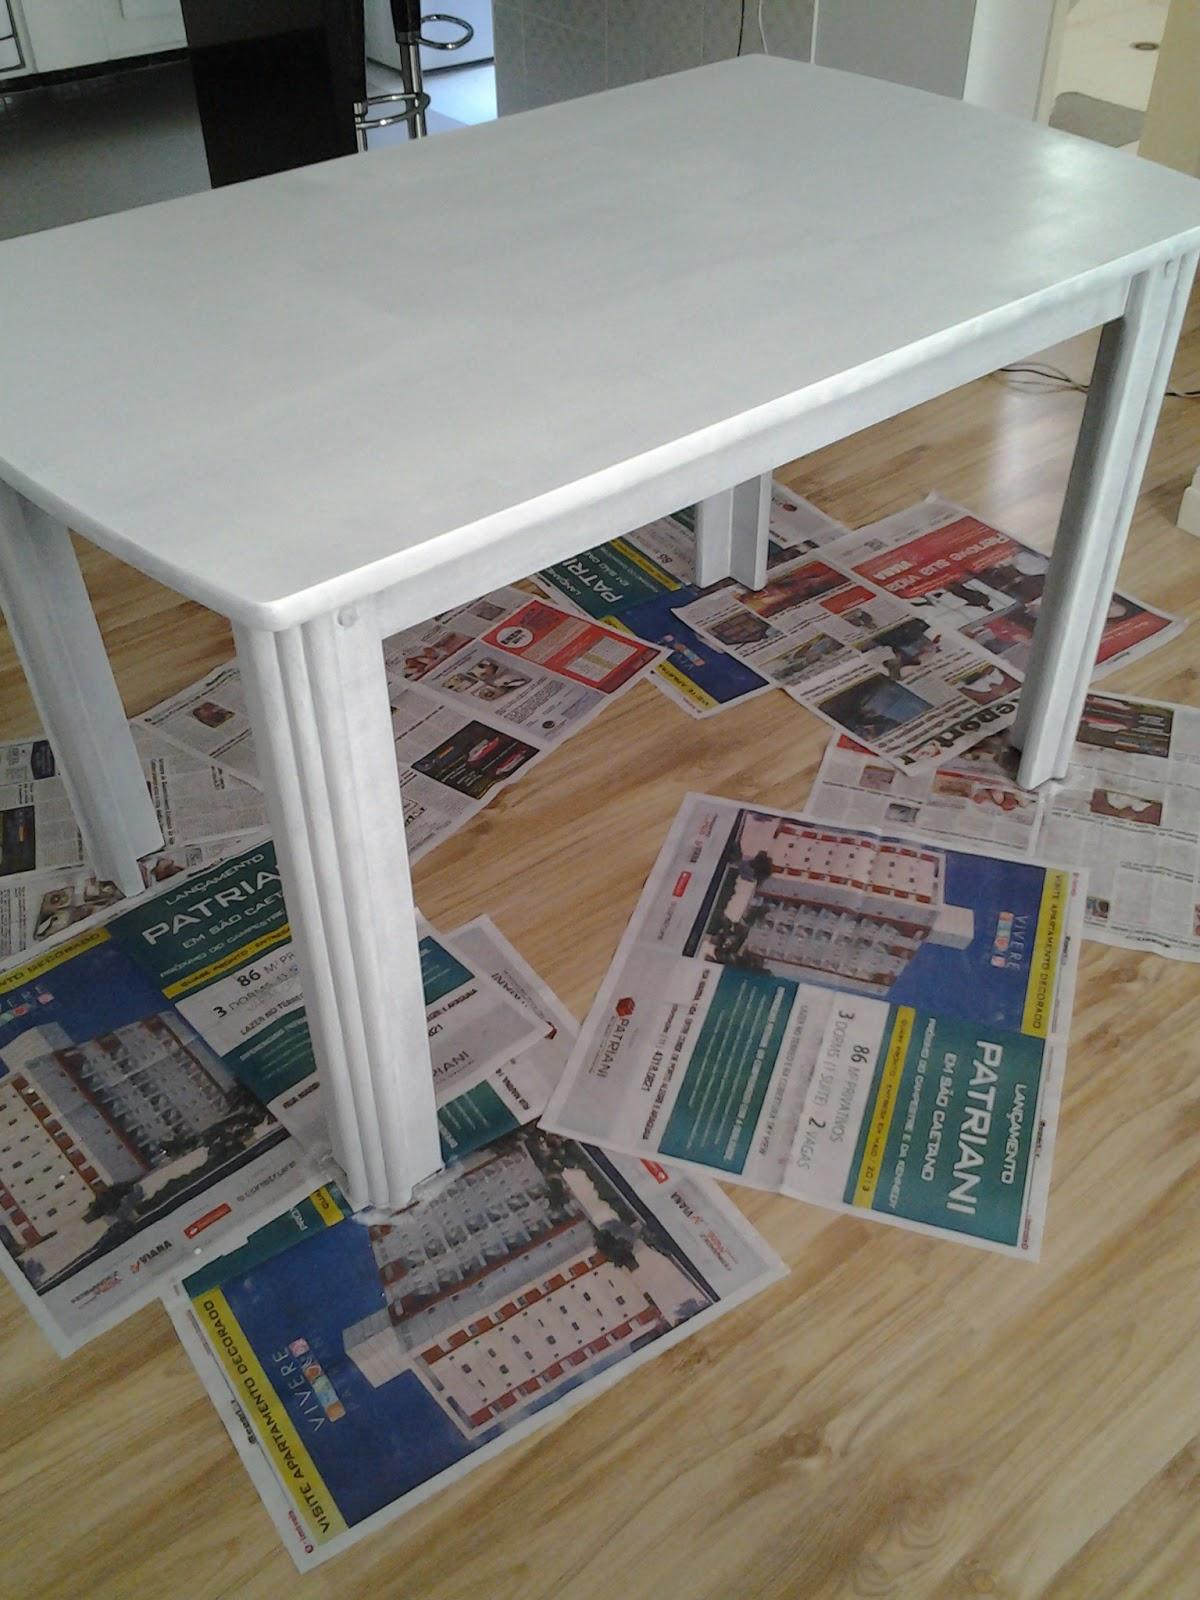 AMBIENTE IDEAL: Reformando mesa de jantar e cadeiras: parte I #7B6946 1200x1600